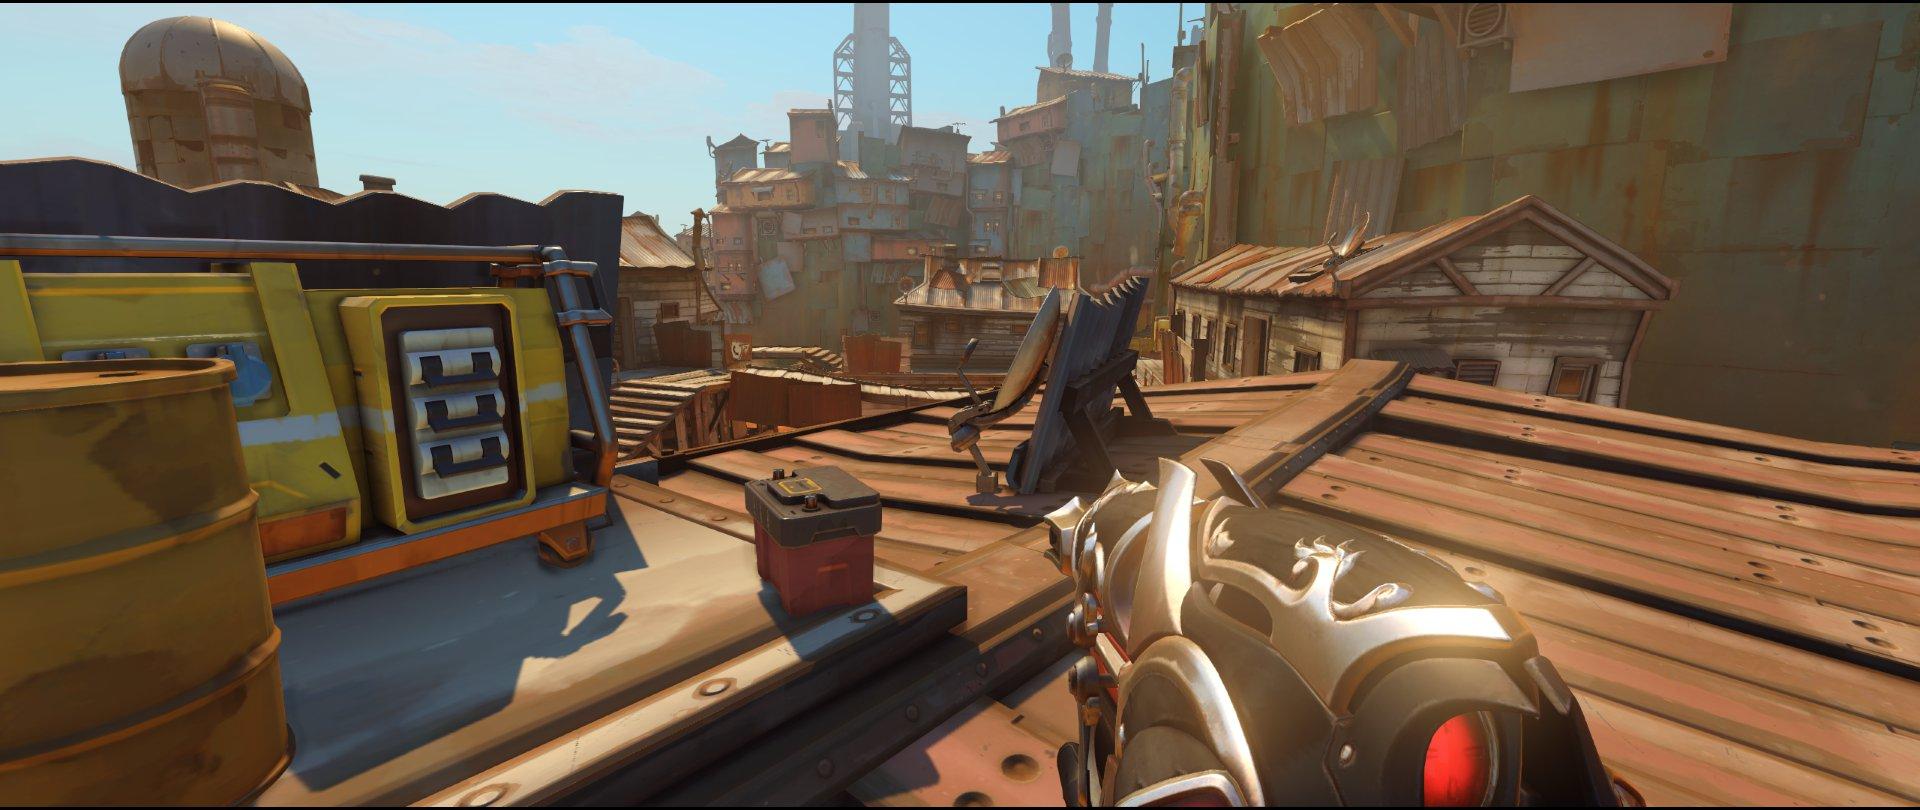 Cafe attack Widowmaker sniping spot Junkertown.jpg